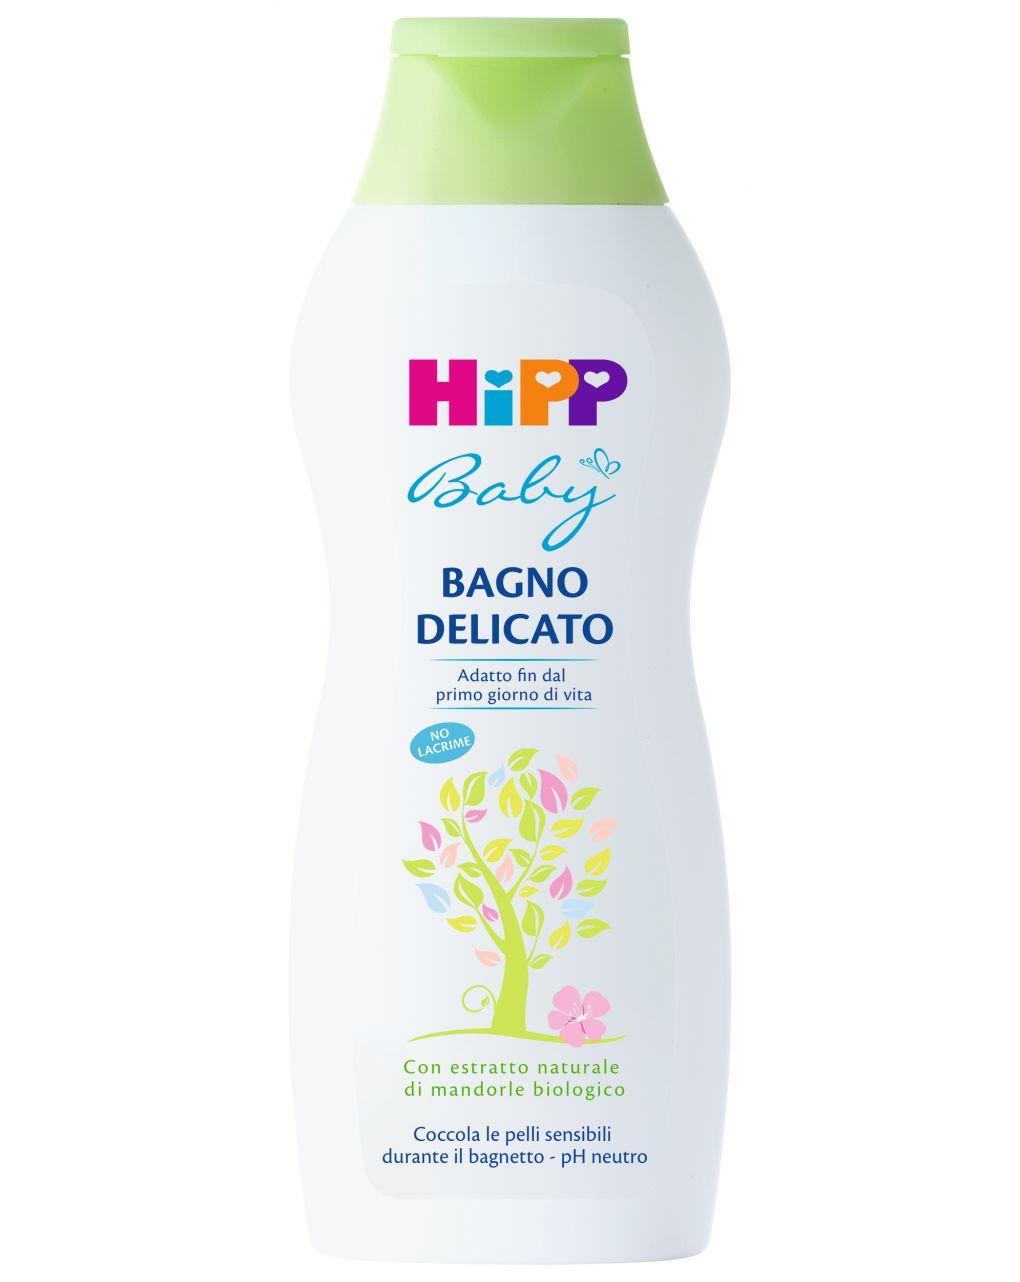 Bagno delicato 350 ml - Hipp